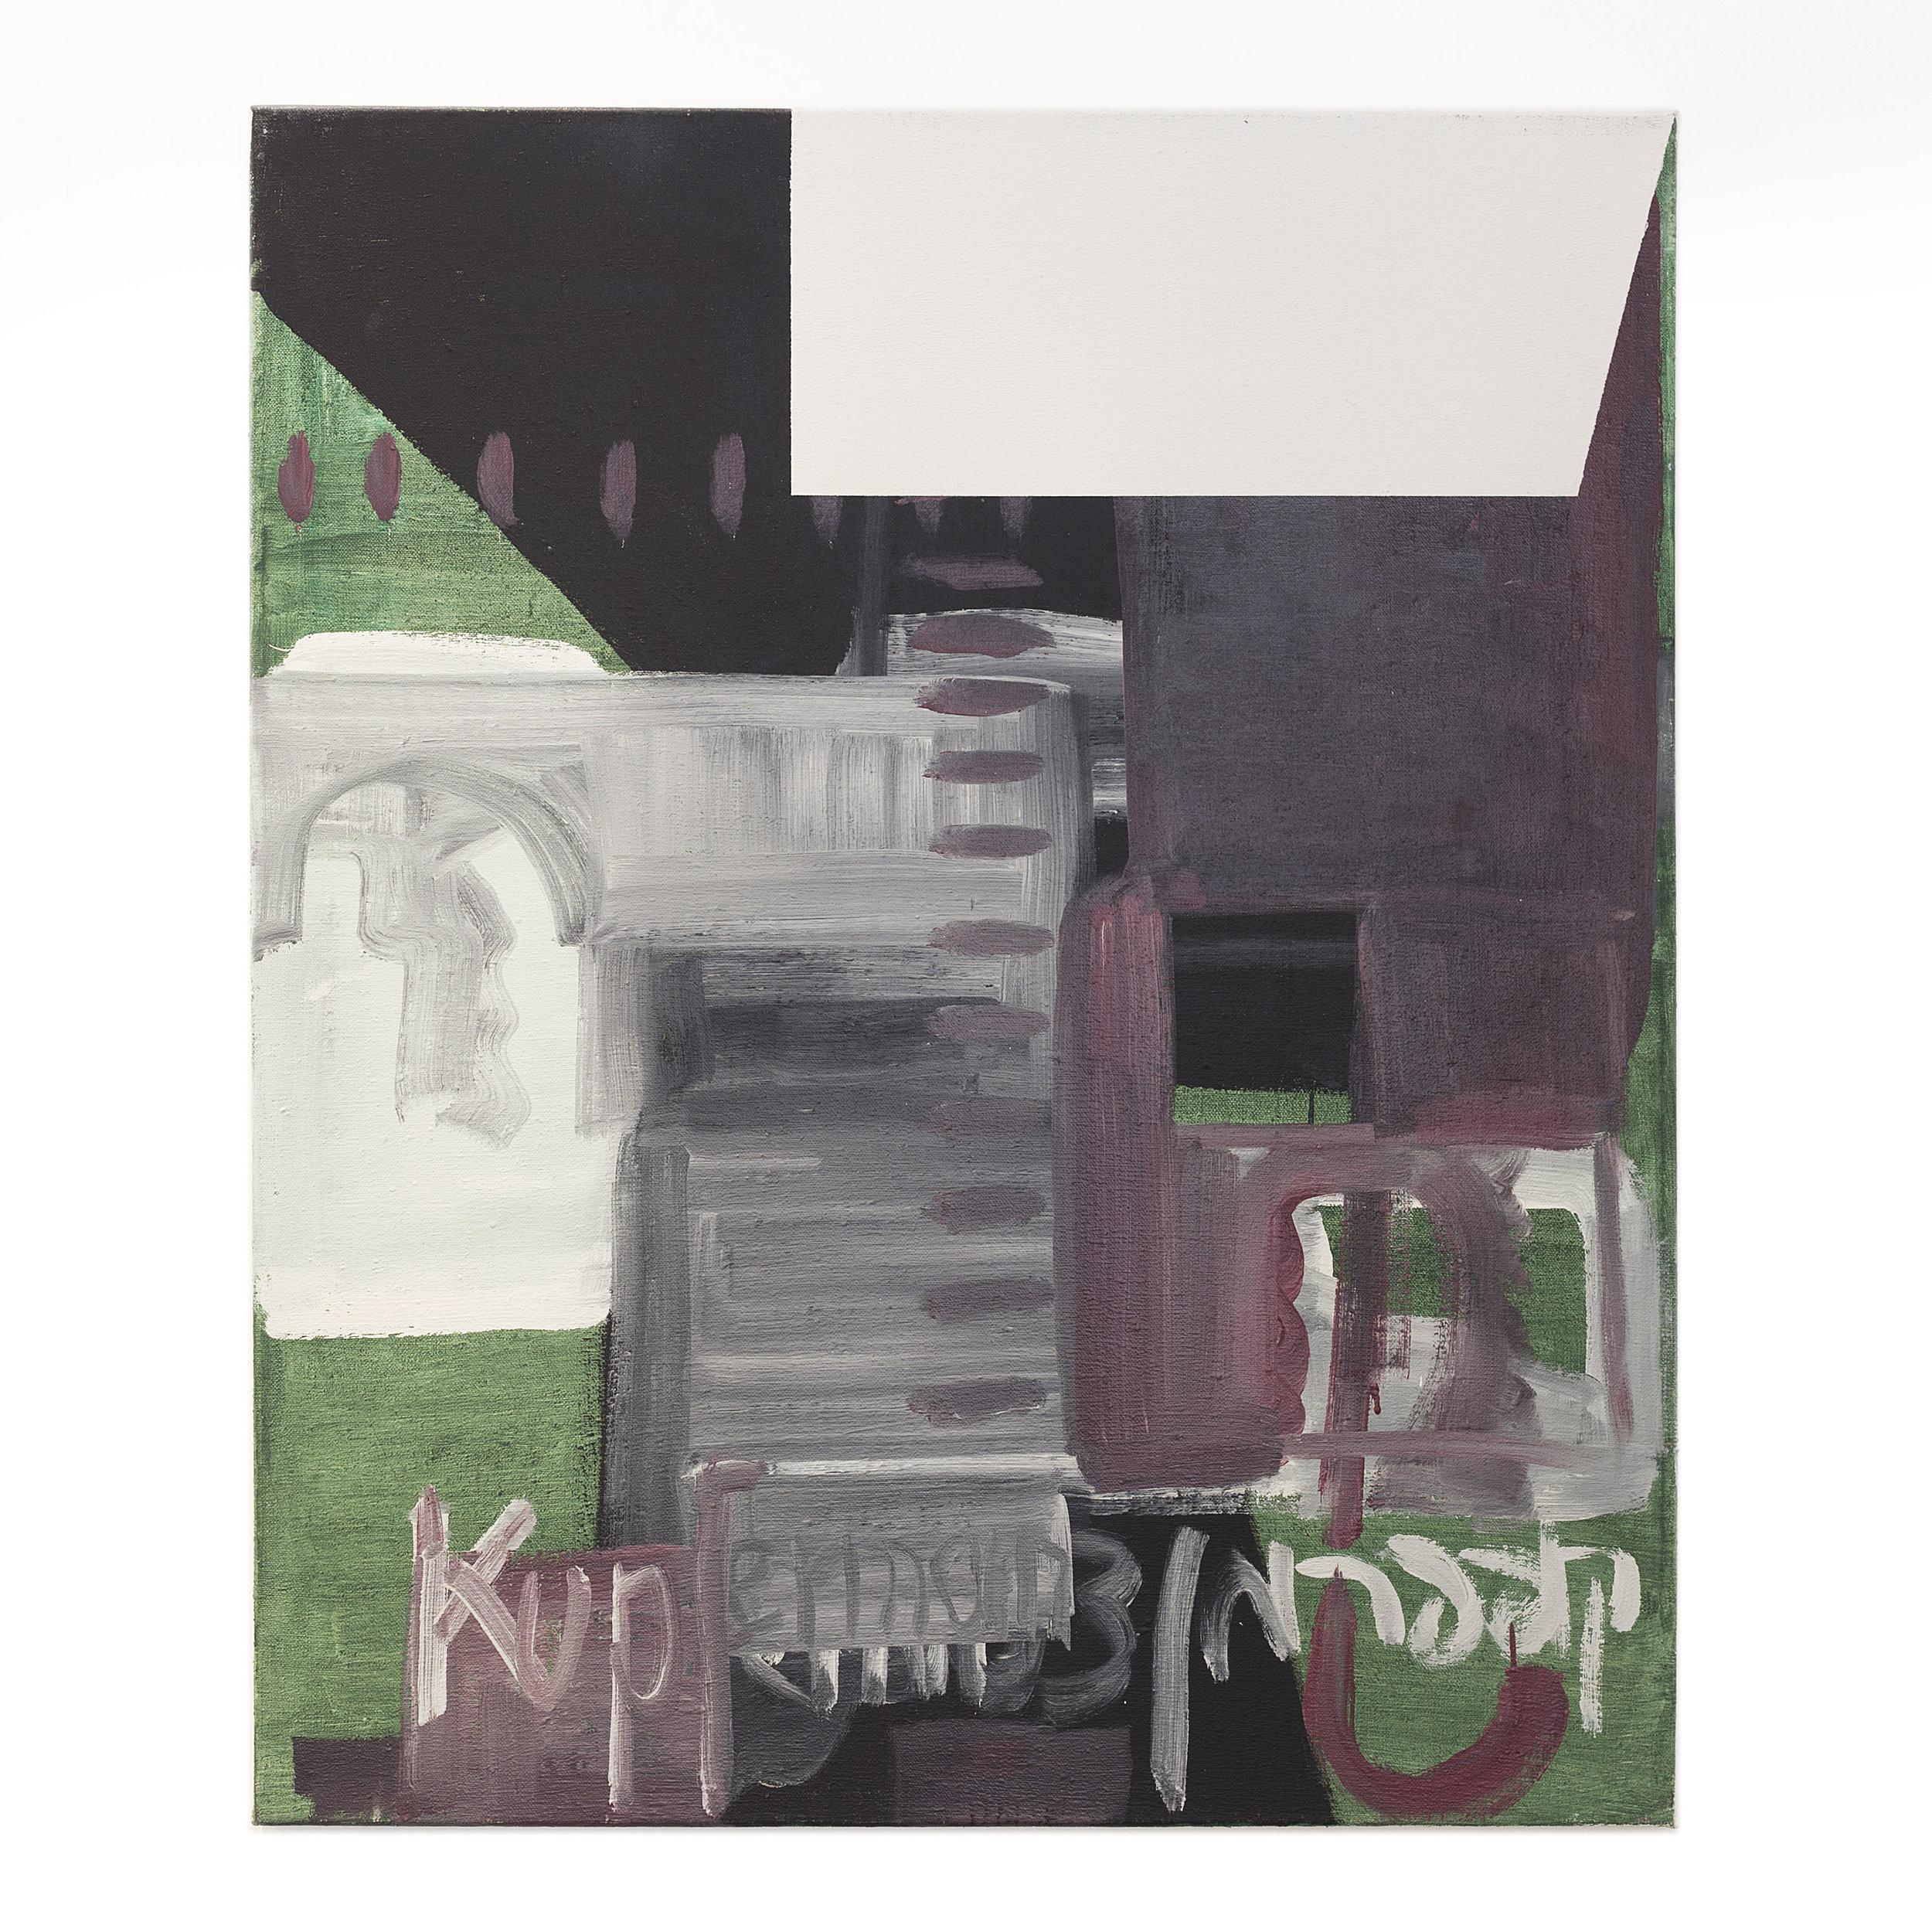 Moshe Kupferman | His Last Paintings at Sommer Gallery